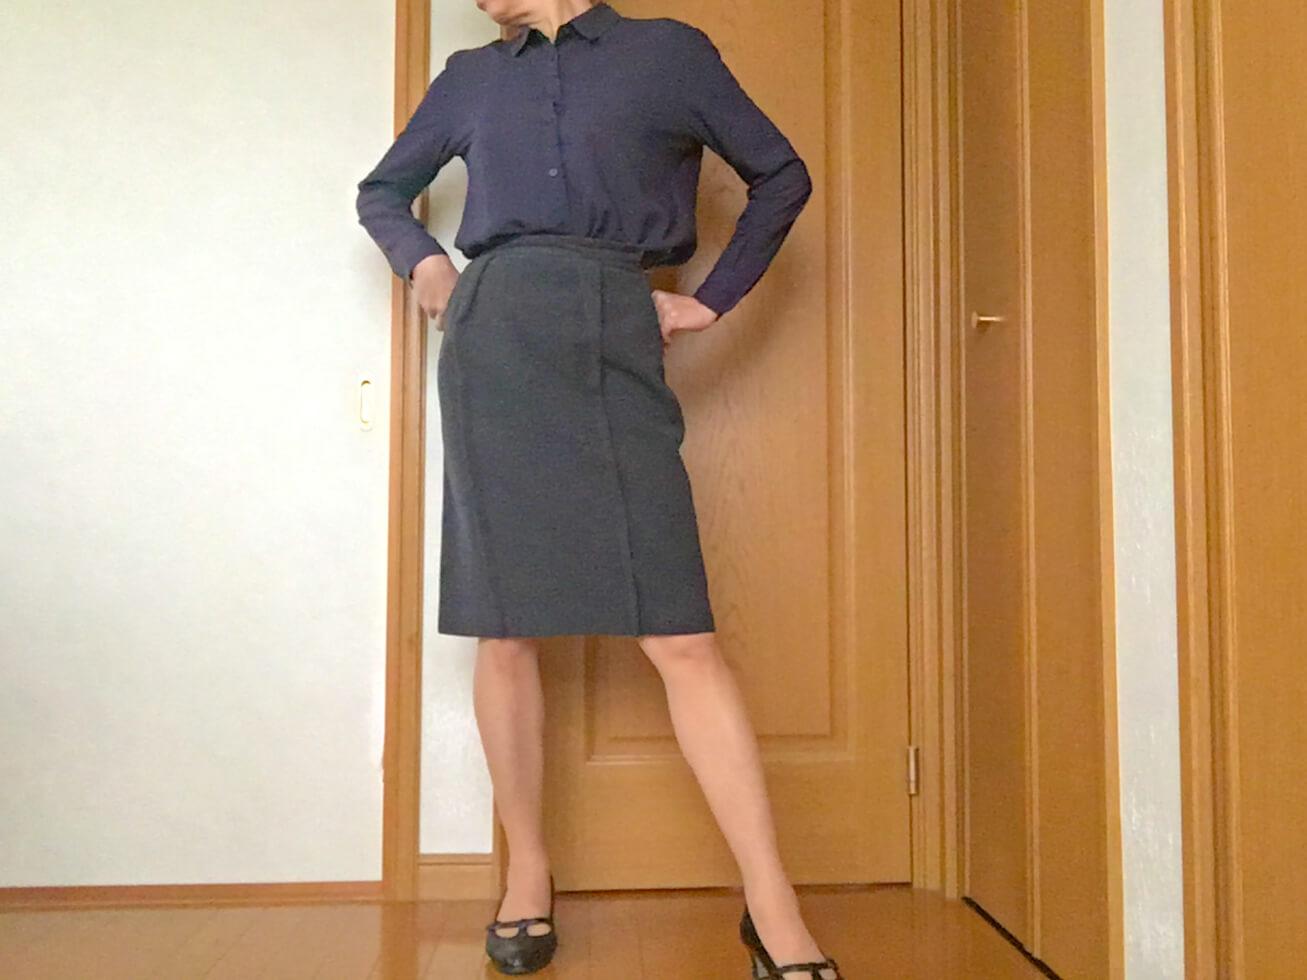 ユニクロの紺のブラウスを着てできる女のポーズを撮っている写真